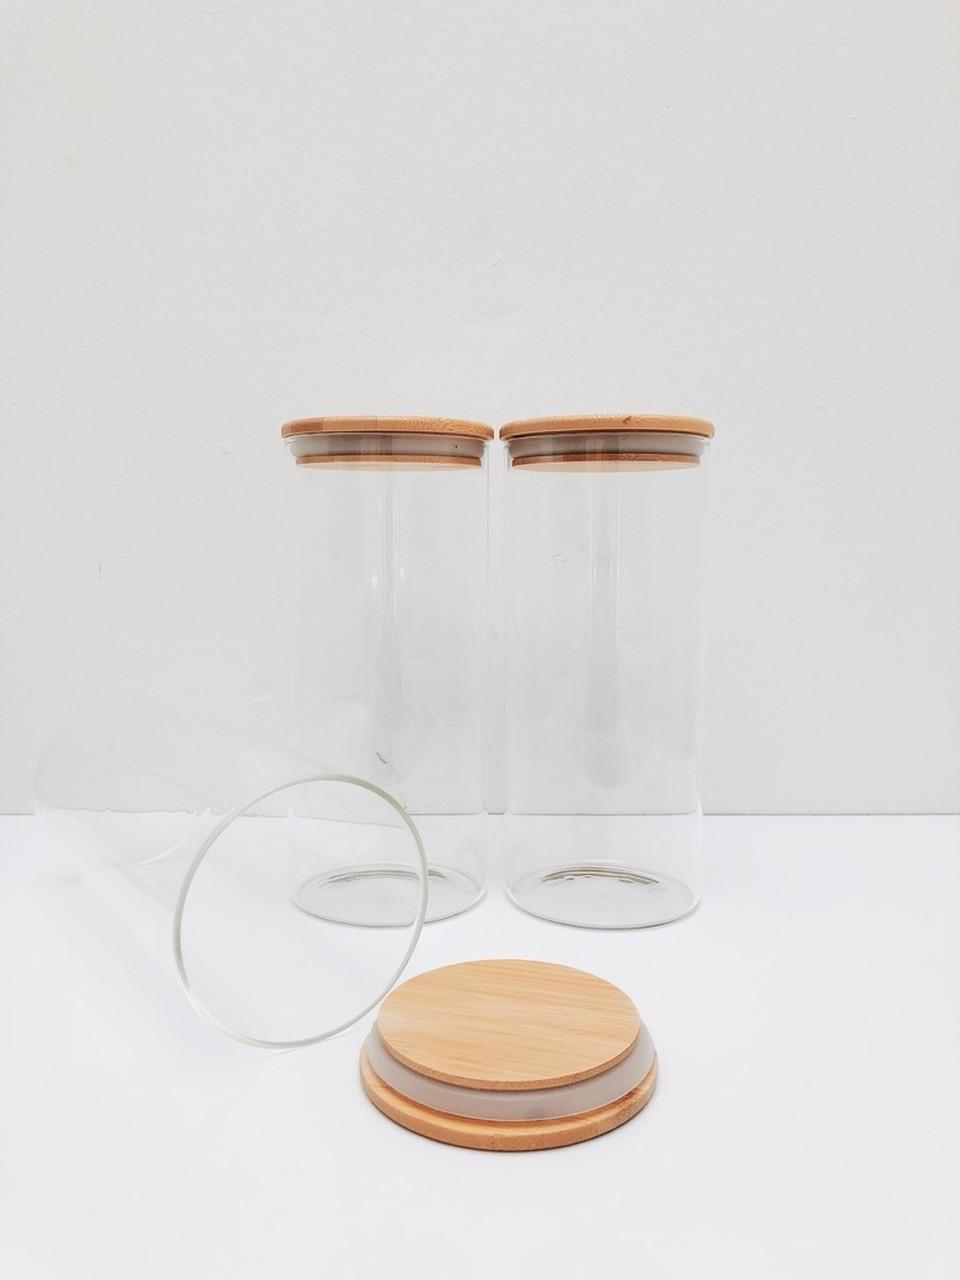 Kit Pote de Vidro com Tampa de Bambu 1650ml - 3 Peças  - CASACOBRE